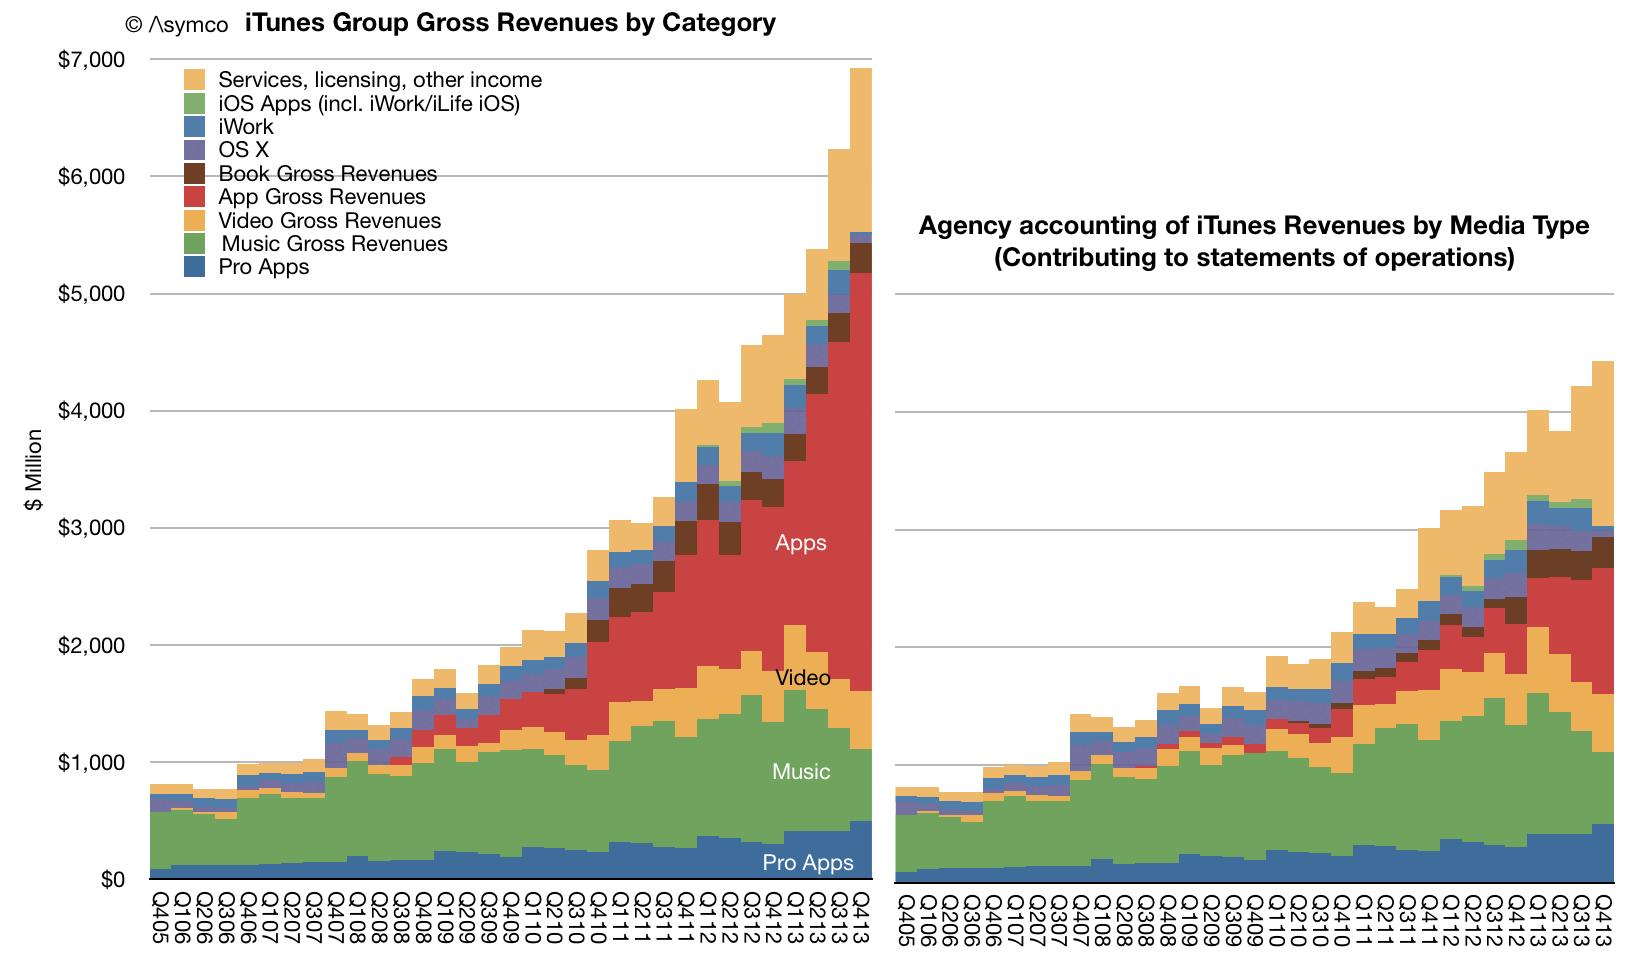 Gráfico com crescimento do negócio iTunes